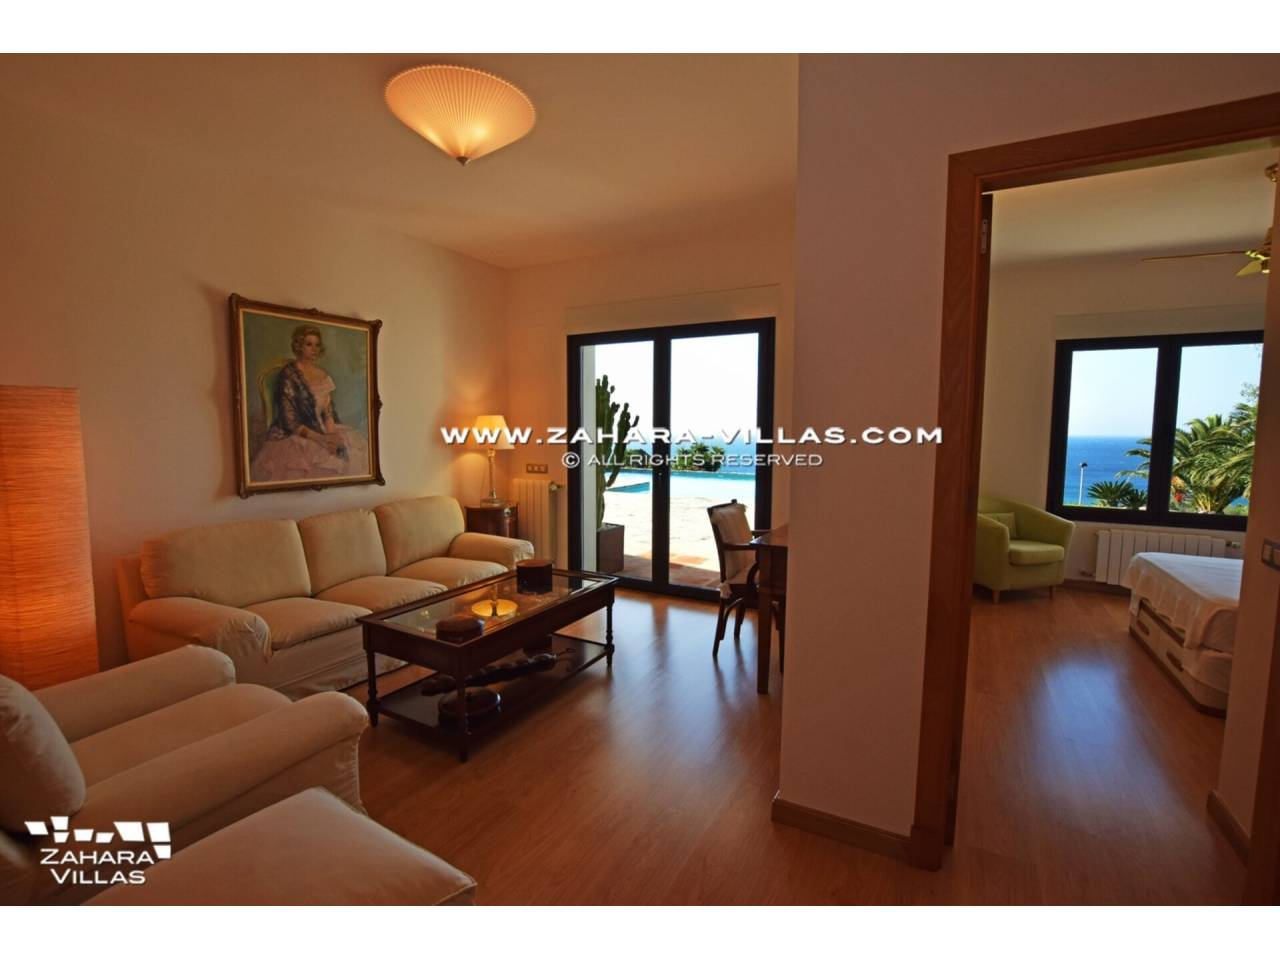 Imagen 30 de Maravilloso Chalet en venta en la zona del Faro Camarinal con vistas panorámicas a la Playa de los Alemanes